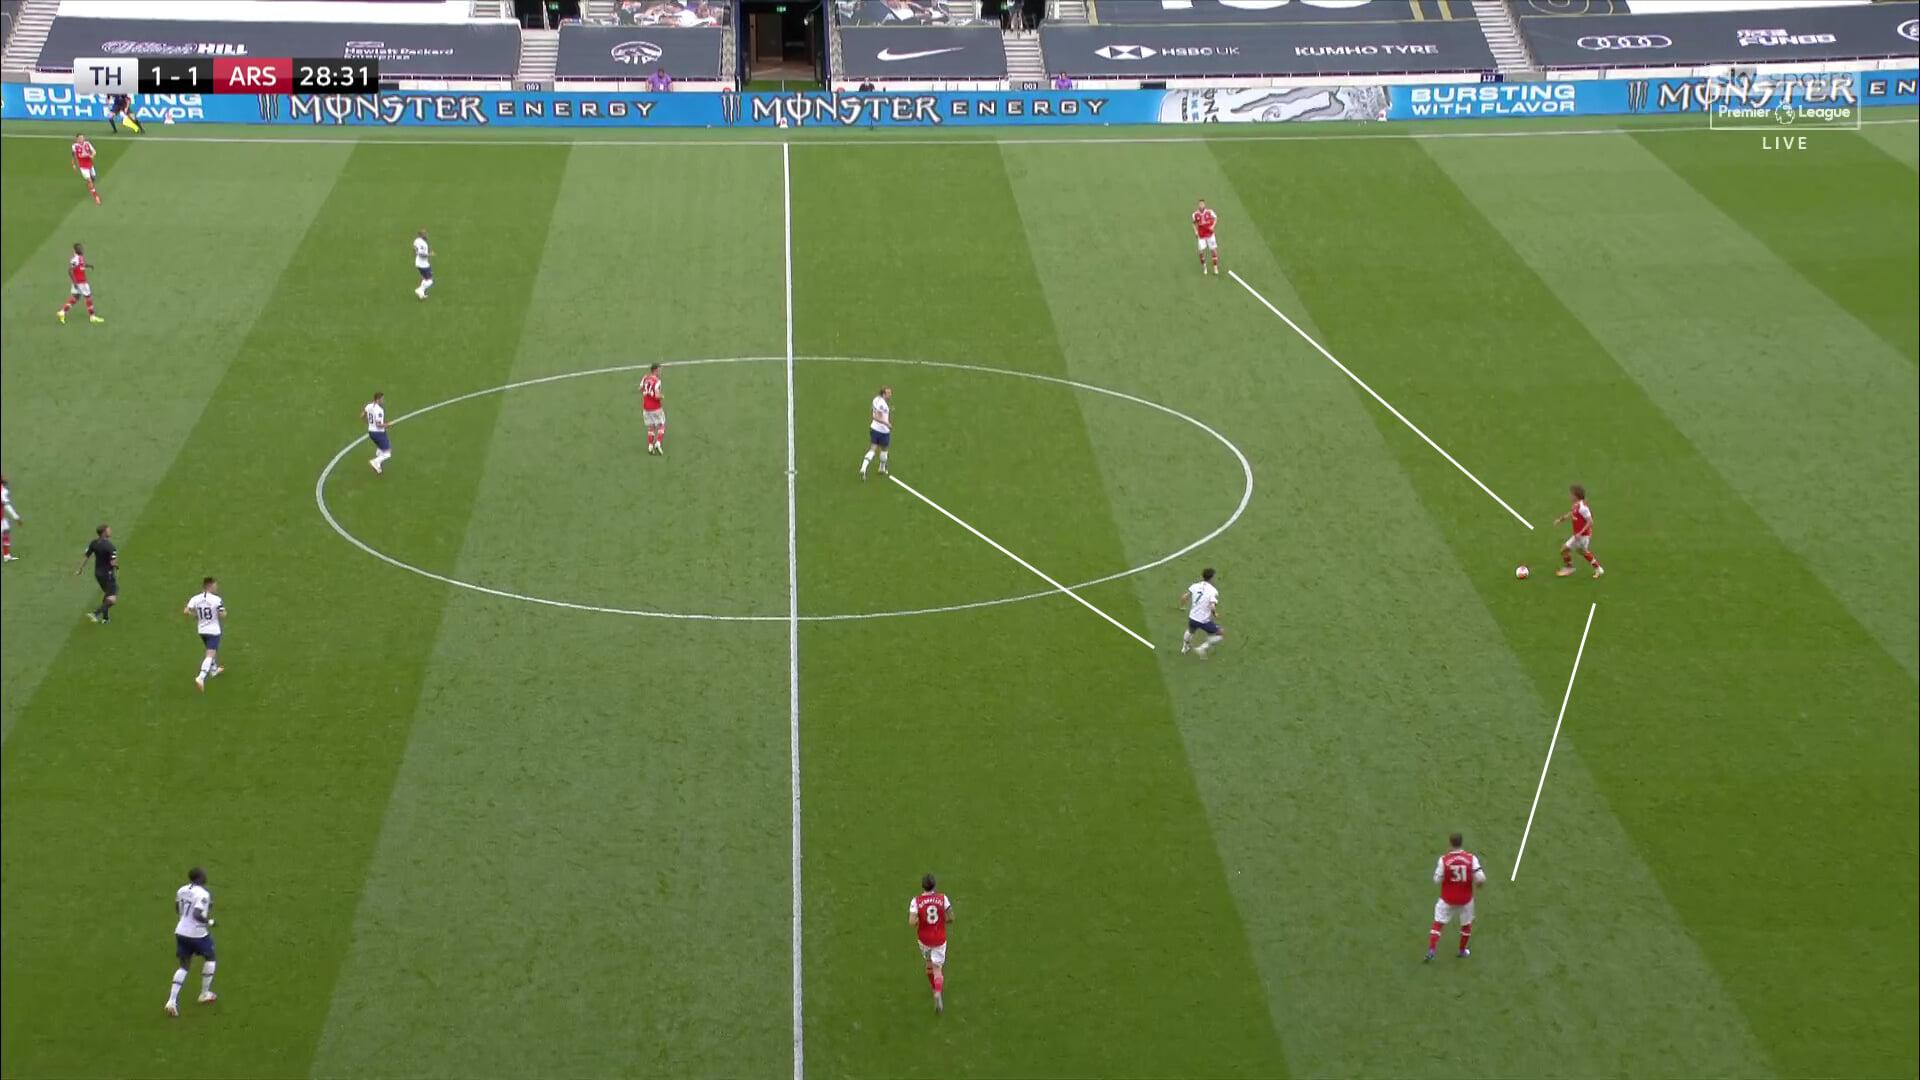 Сырой «Арсенал» Артеты проиграл главный матч лета. Сработал классический план Моуринью